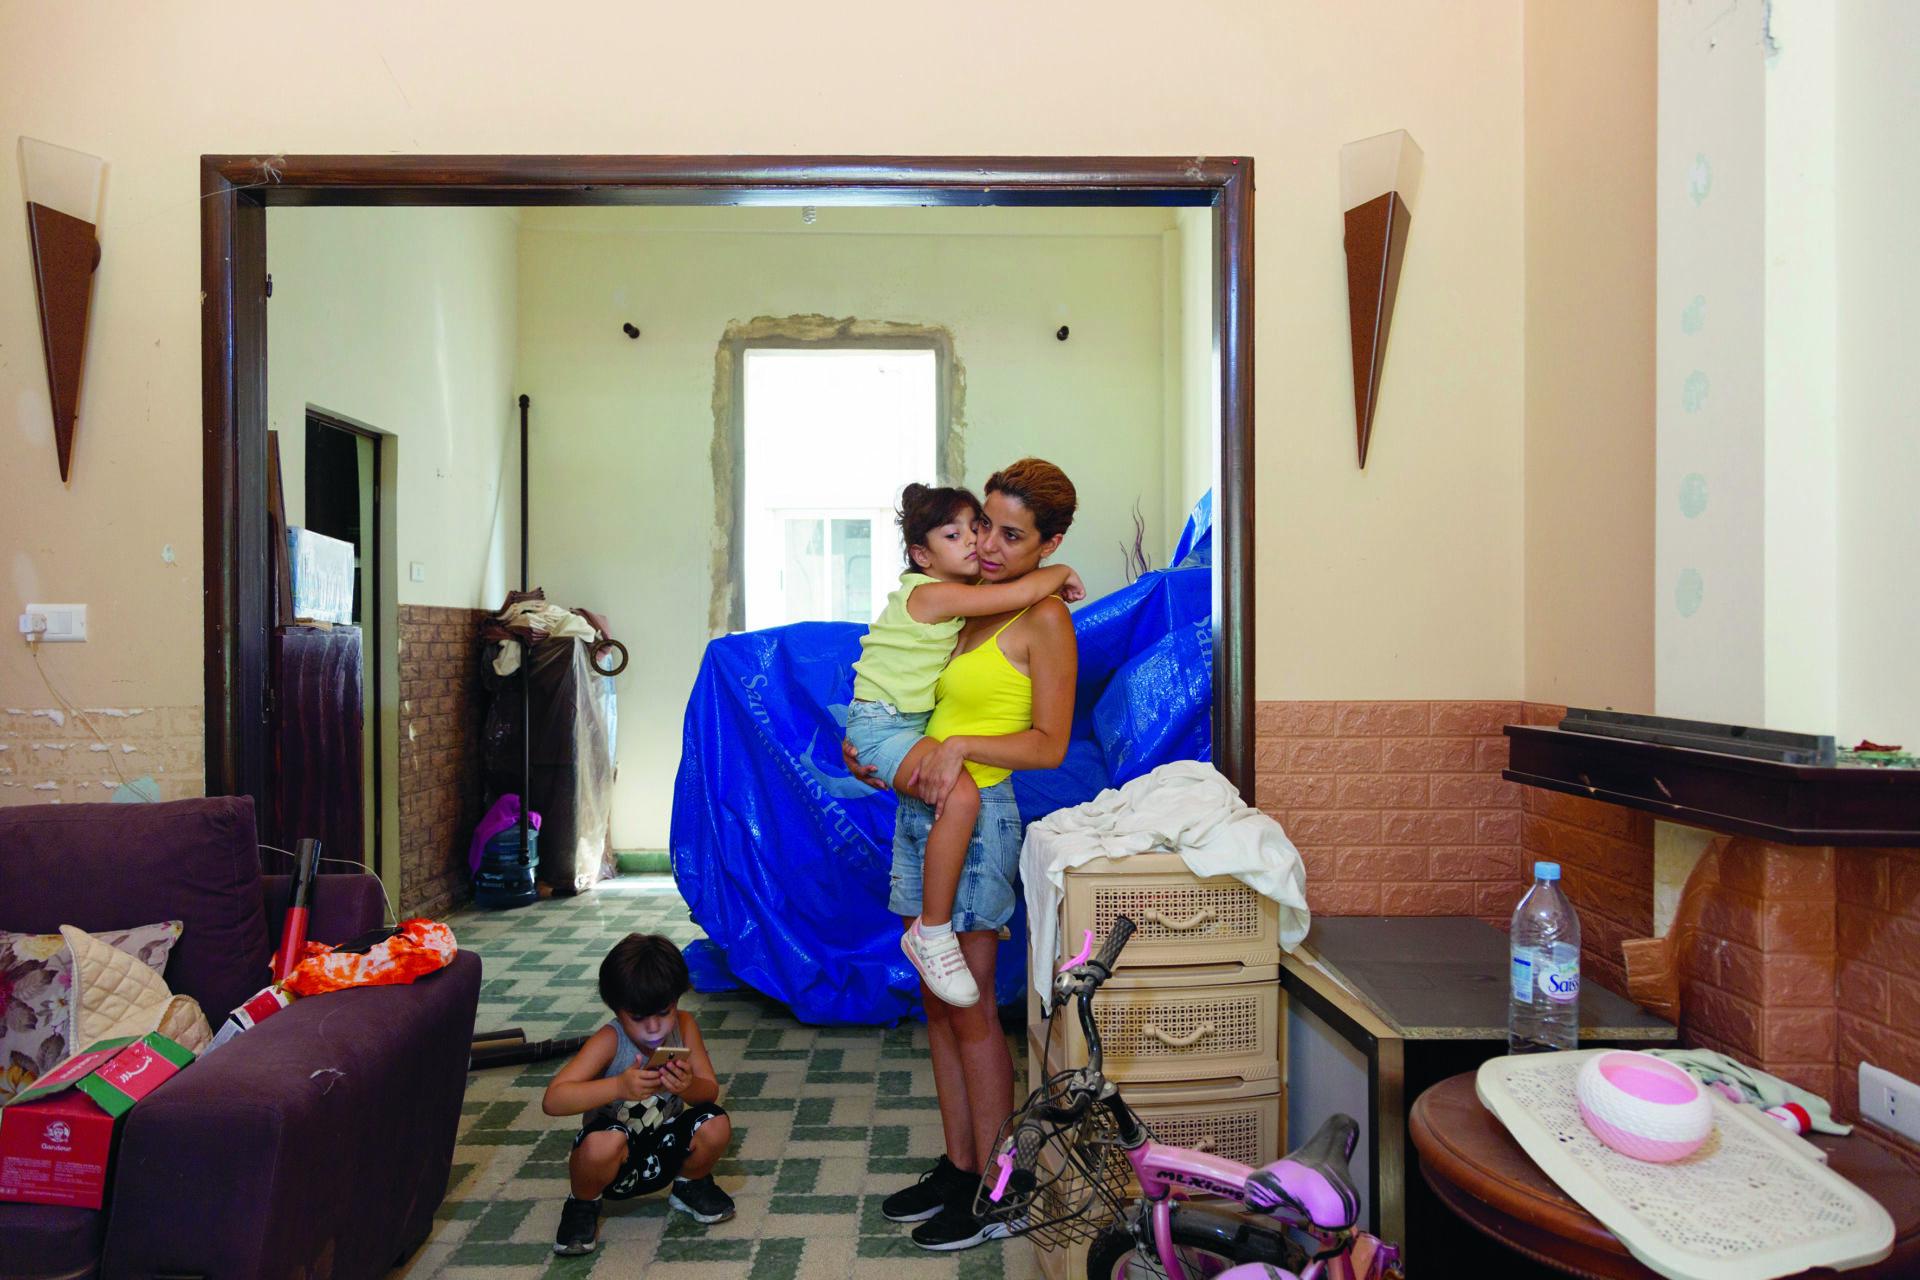 Beirutilainen nainen lapsi sylissään räjähdyksen jälkeen